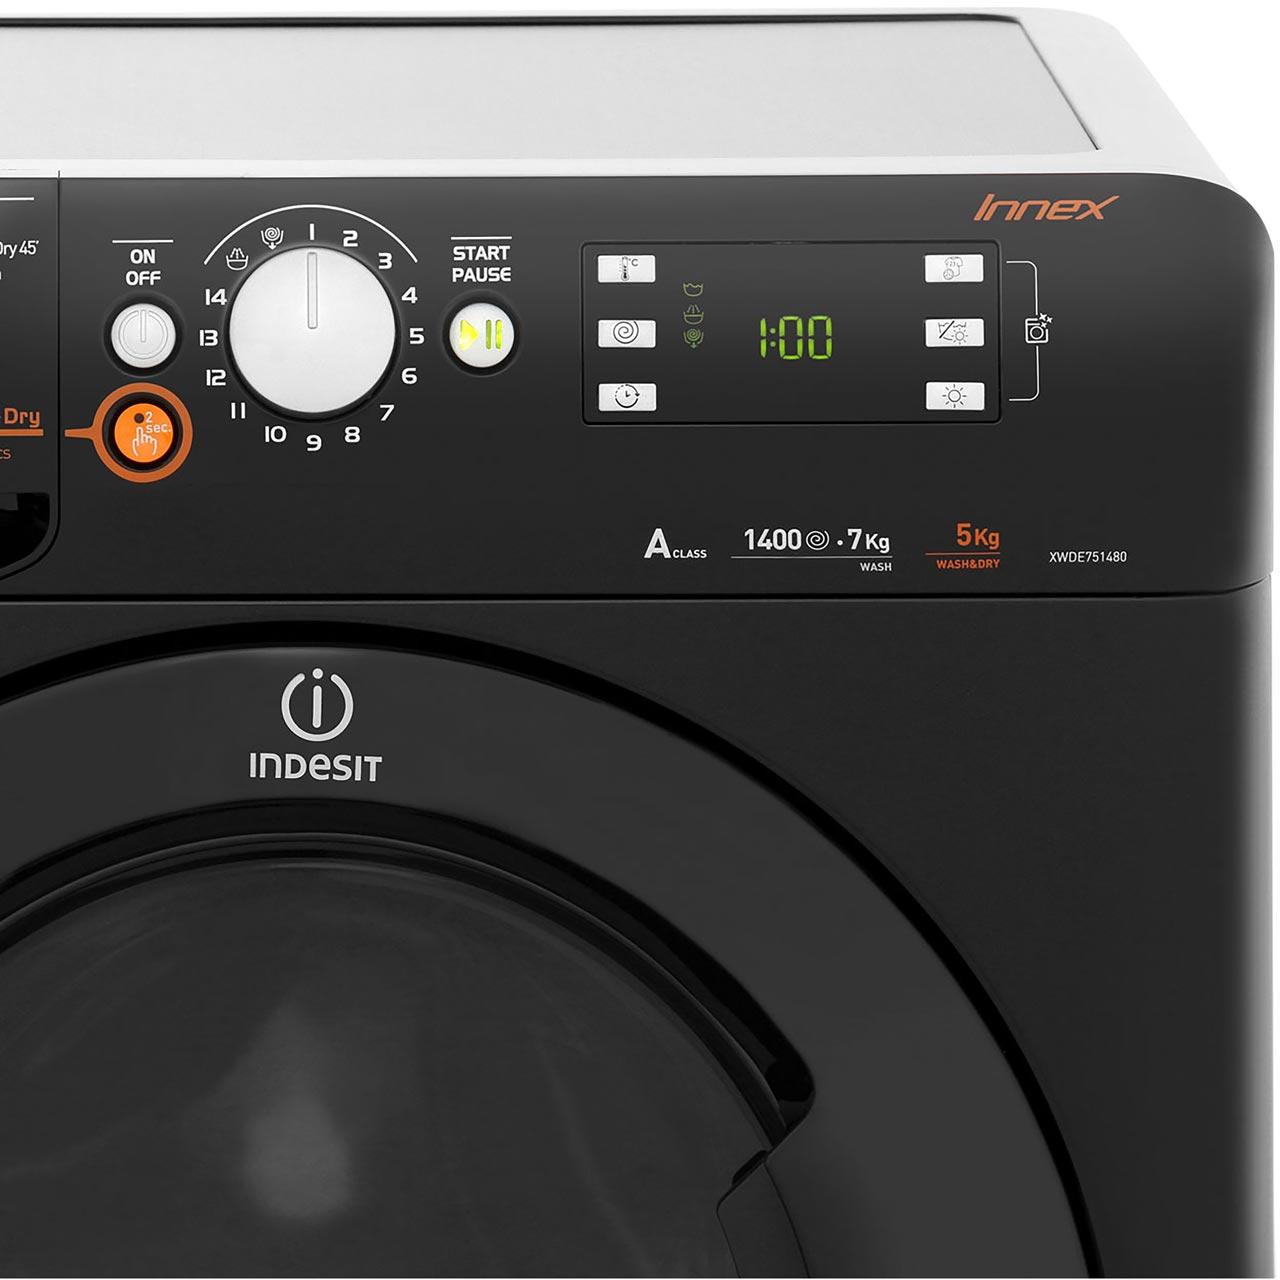 Indesit Innex Xwde751480xk 7kg 5kg Washer Dryer With